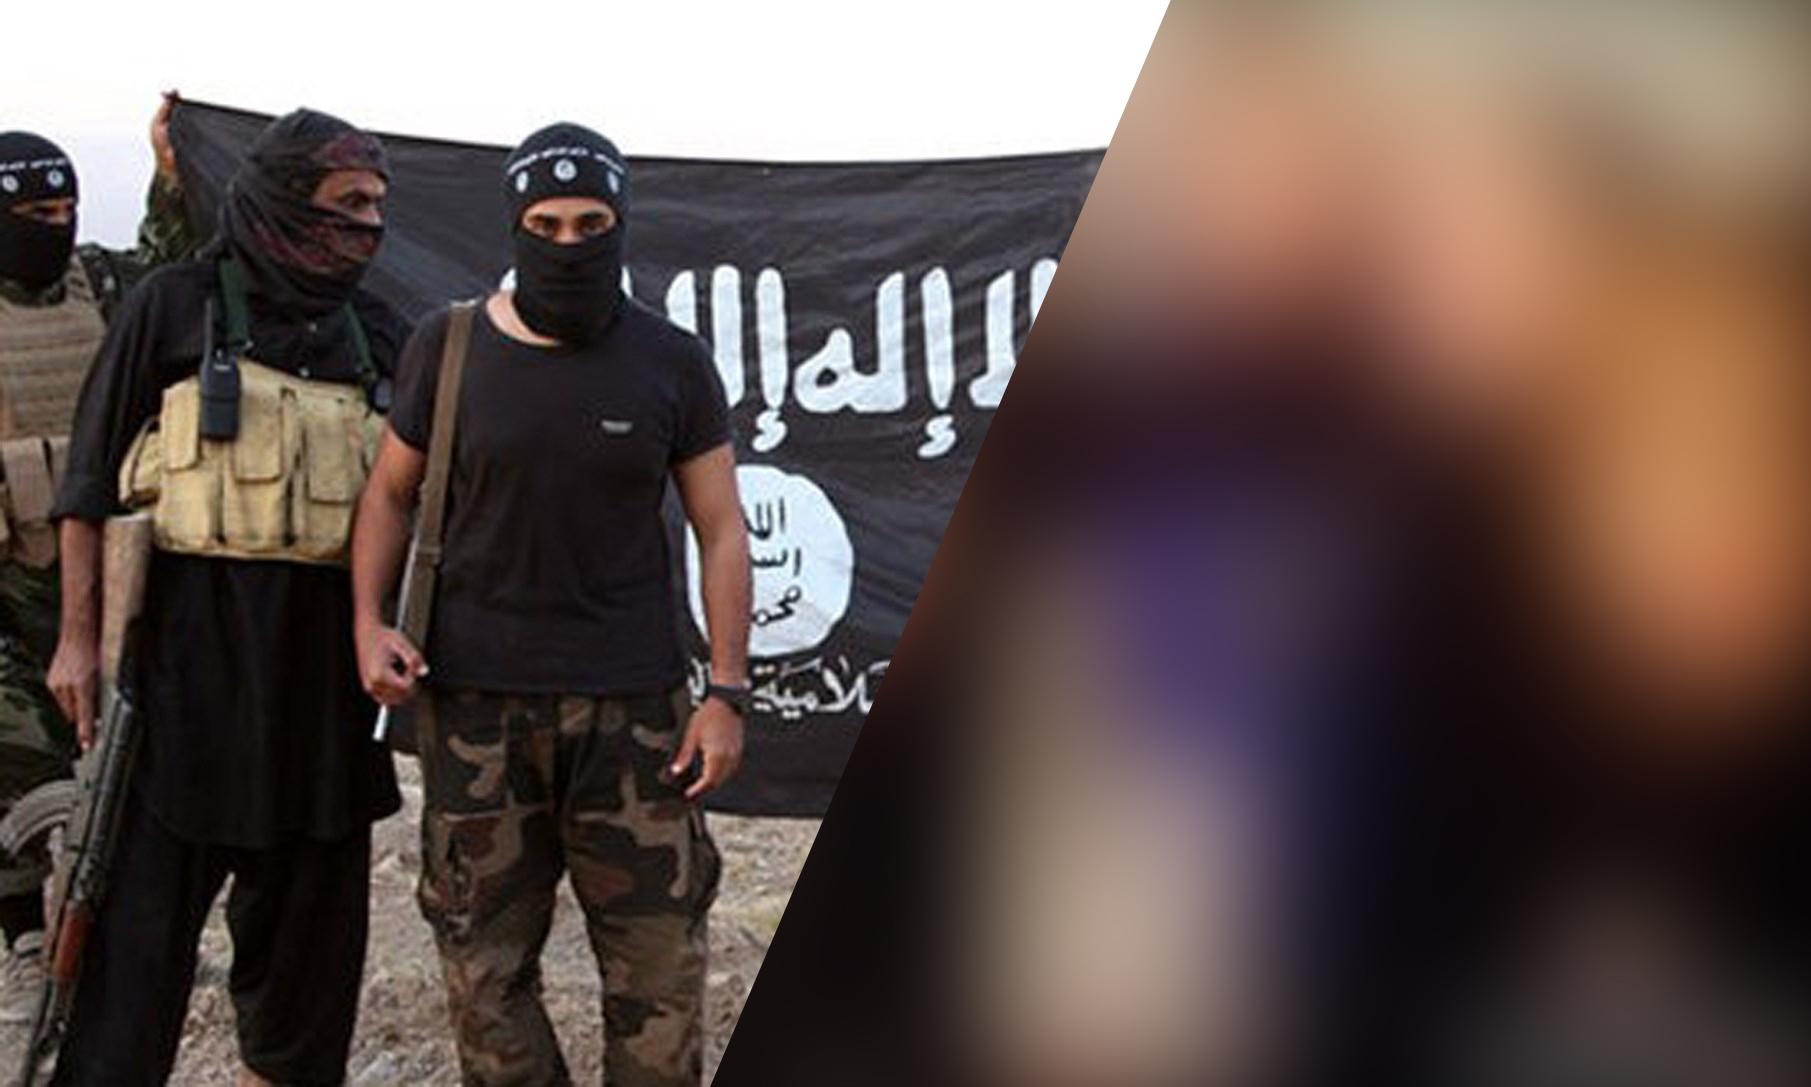 سه زن بازيگر سينما از تروريست هاي داعش حمايت کردند